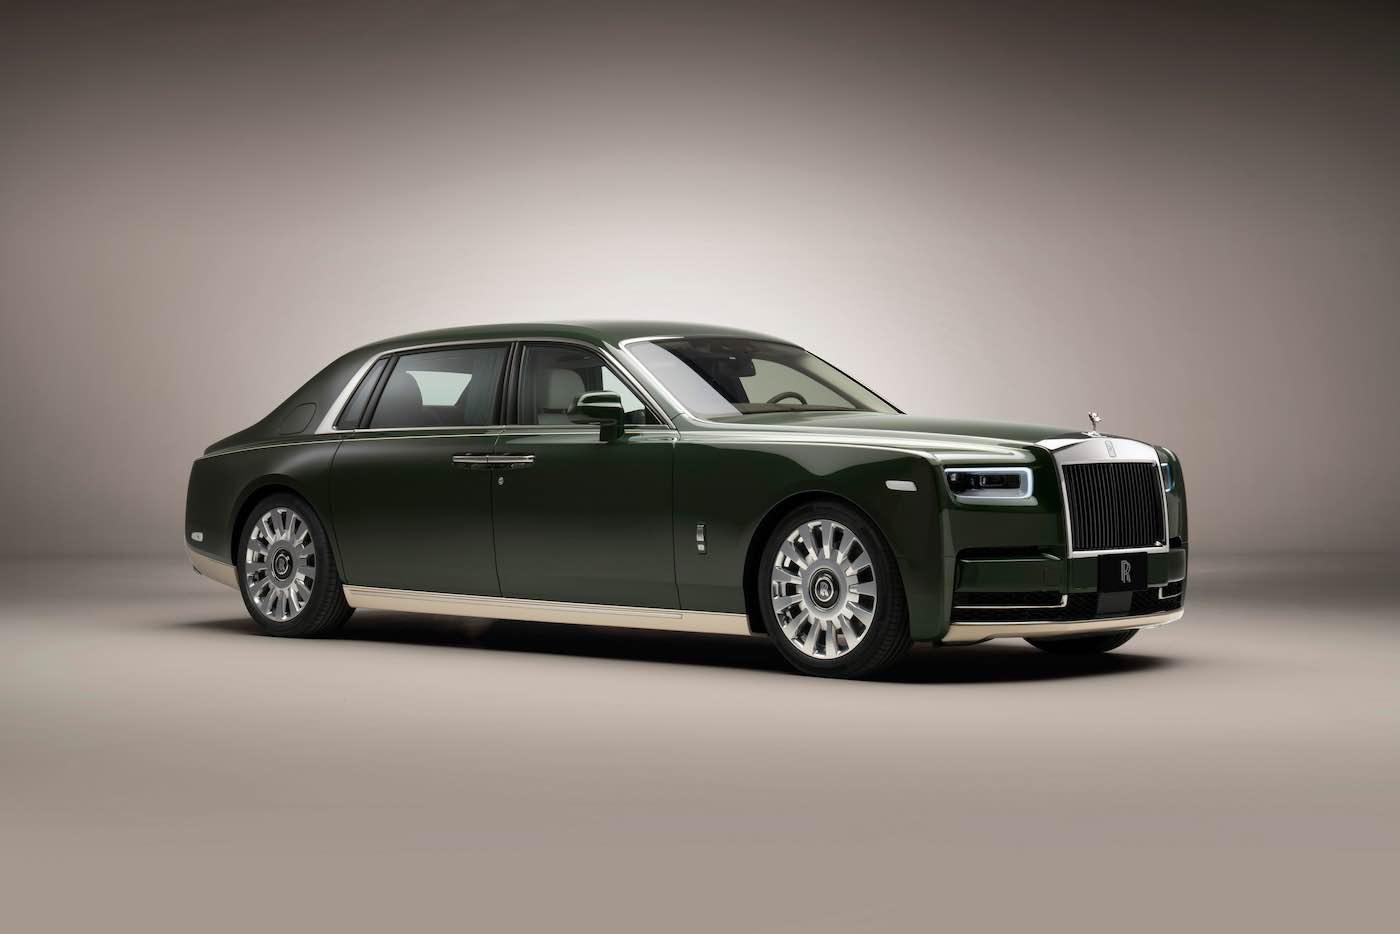 Rolls-Royce Phantom Oribe de Hermès: el nuevo auto de lujo del multimillonario que viajará a la luna